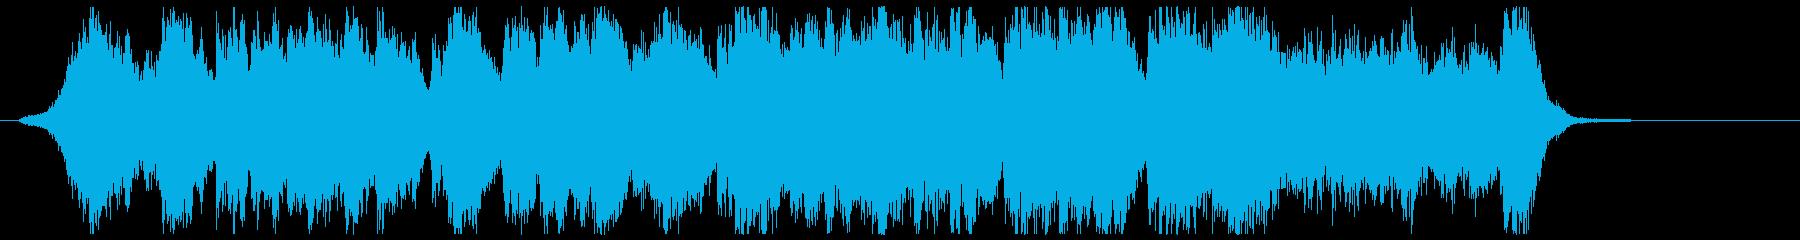 オープニングに最適な重厚ファンファーレの再生済みの波形